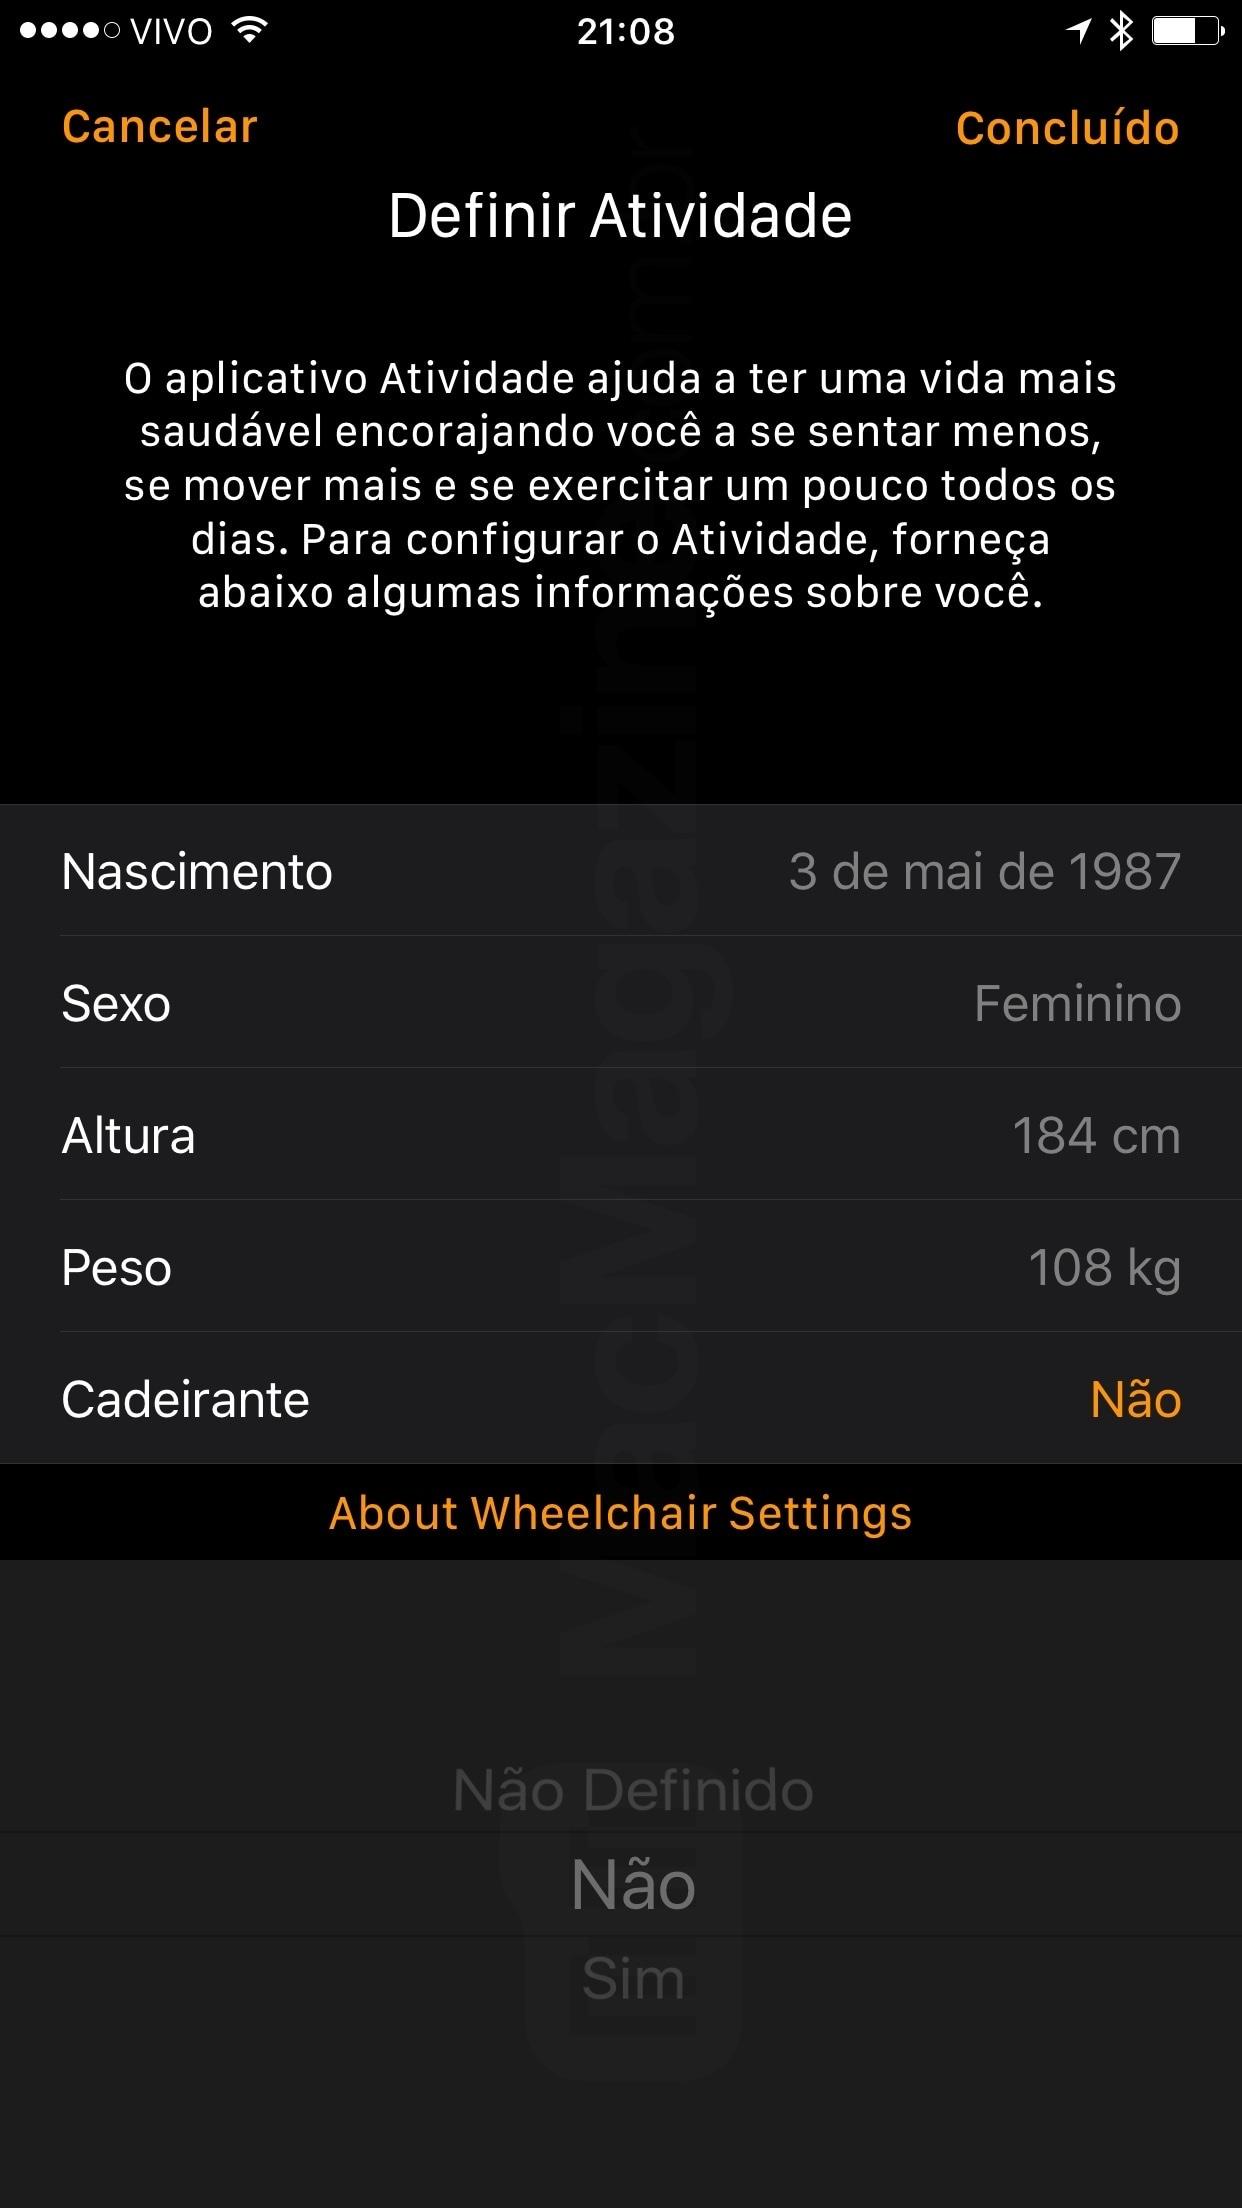 Definir opção de cadeirante no Apple Watch